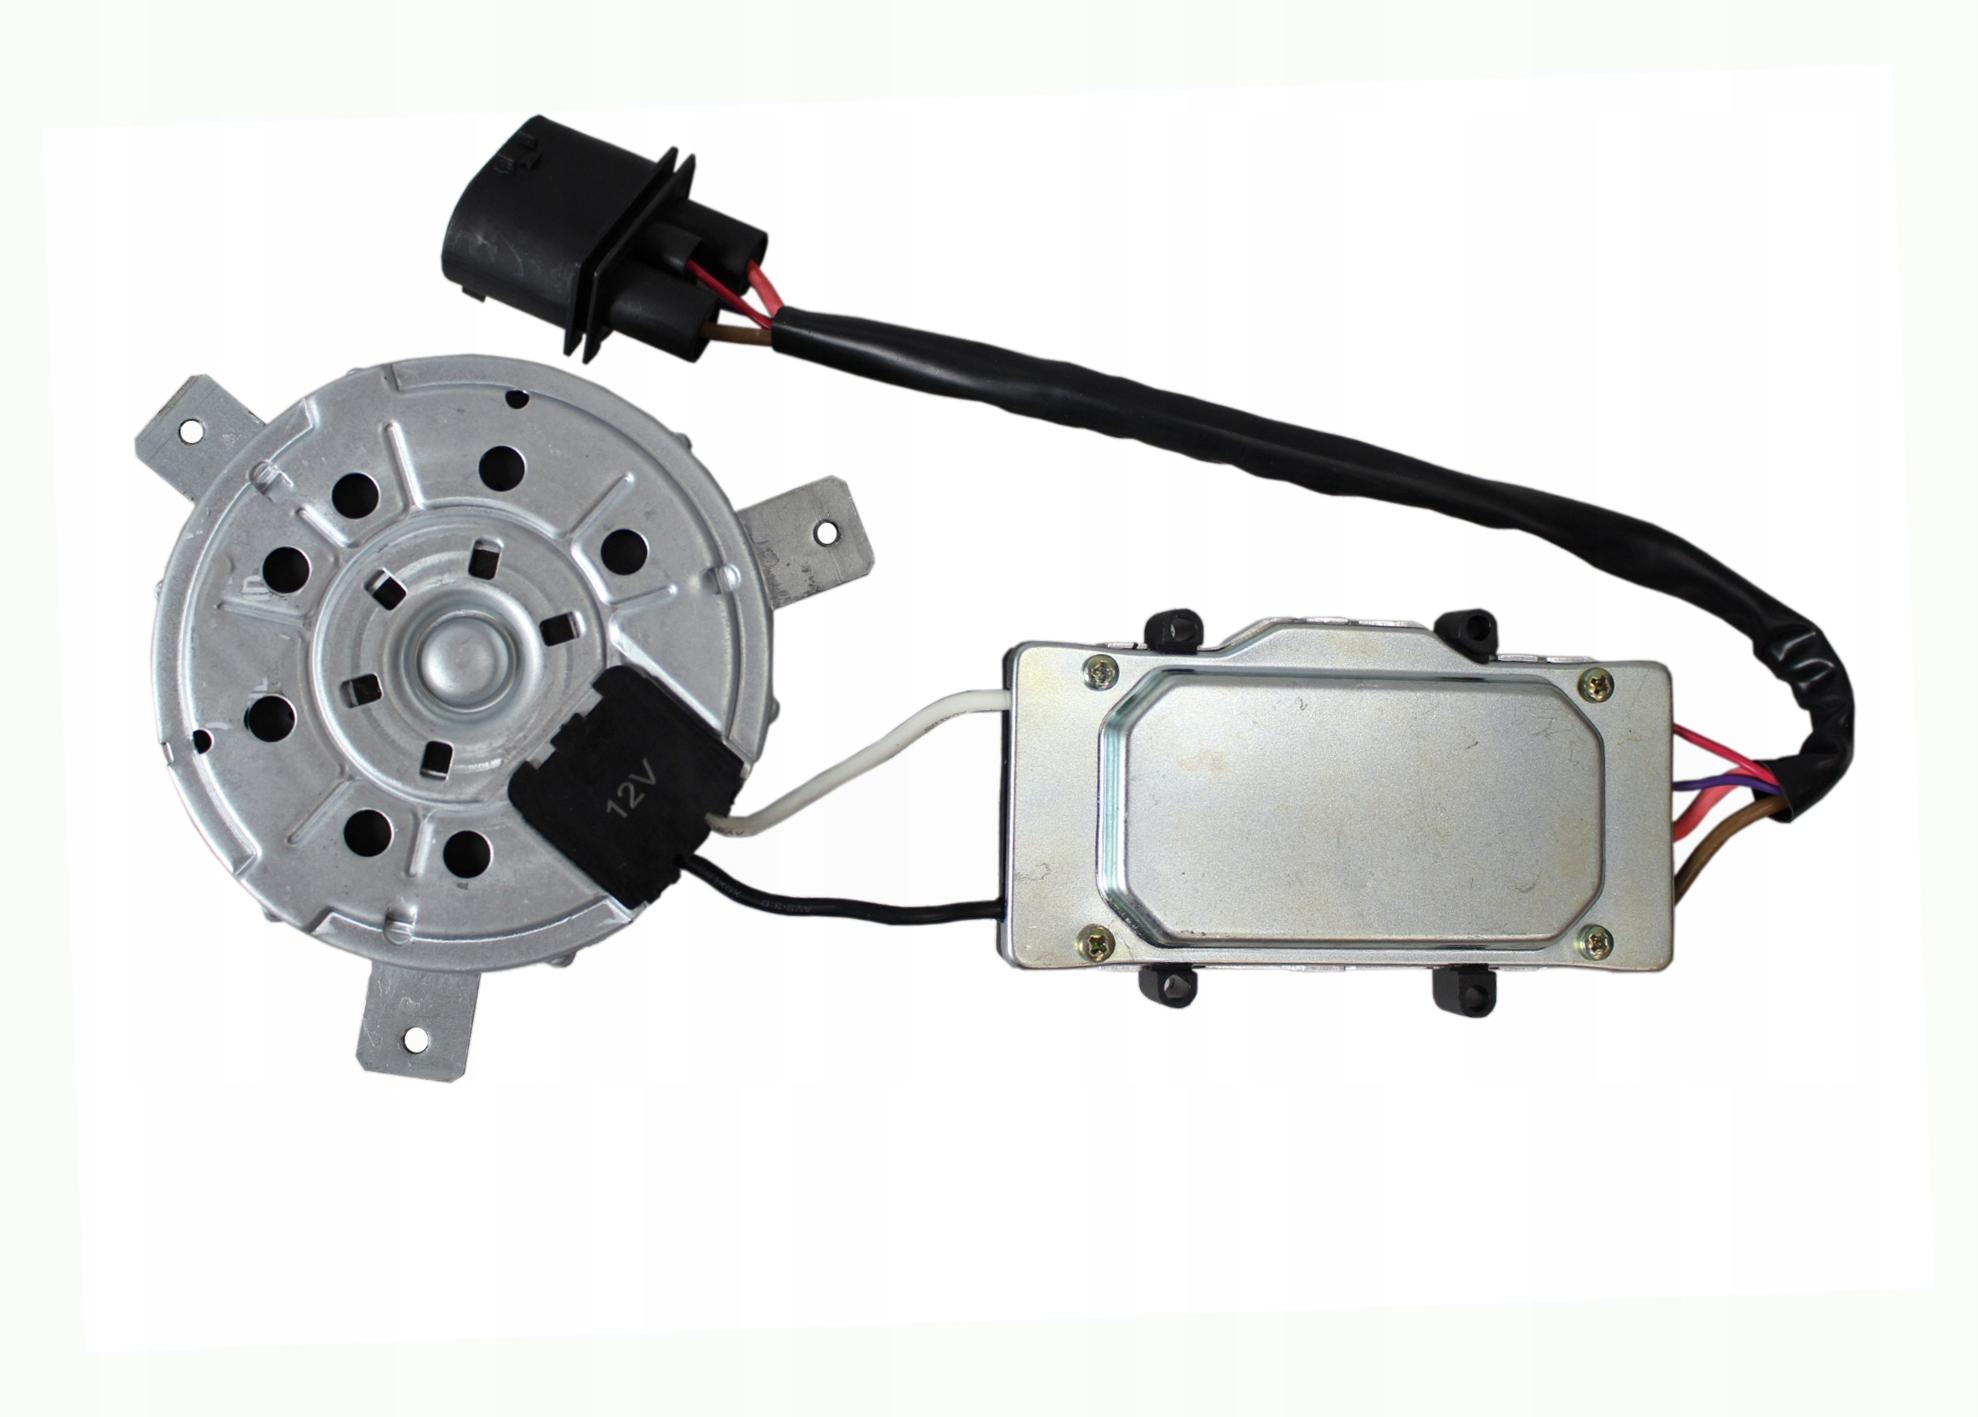 вентилятор модуль audi a6 c6 30tdi 4f0121207k  r